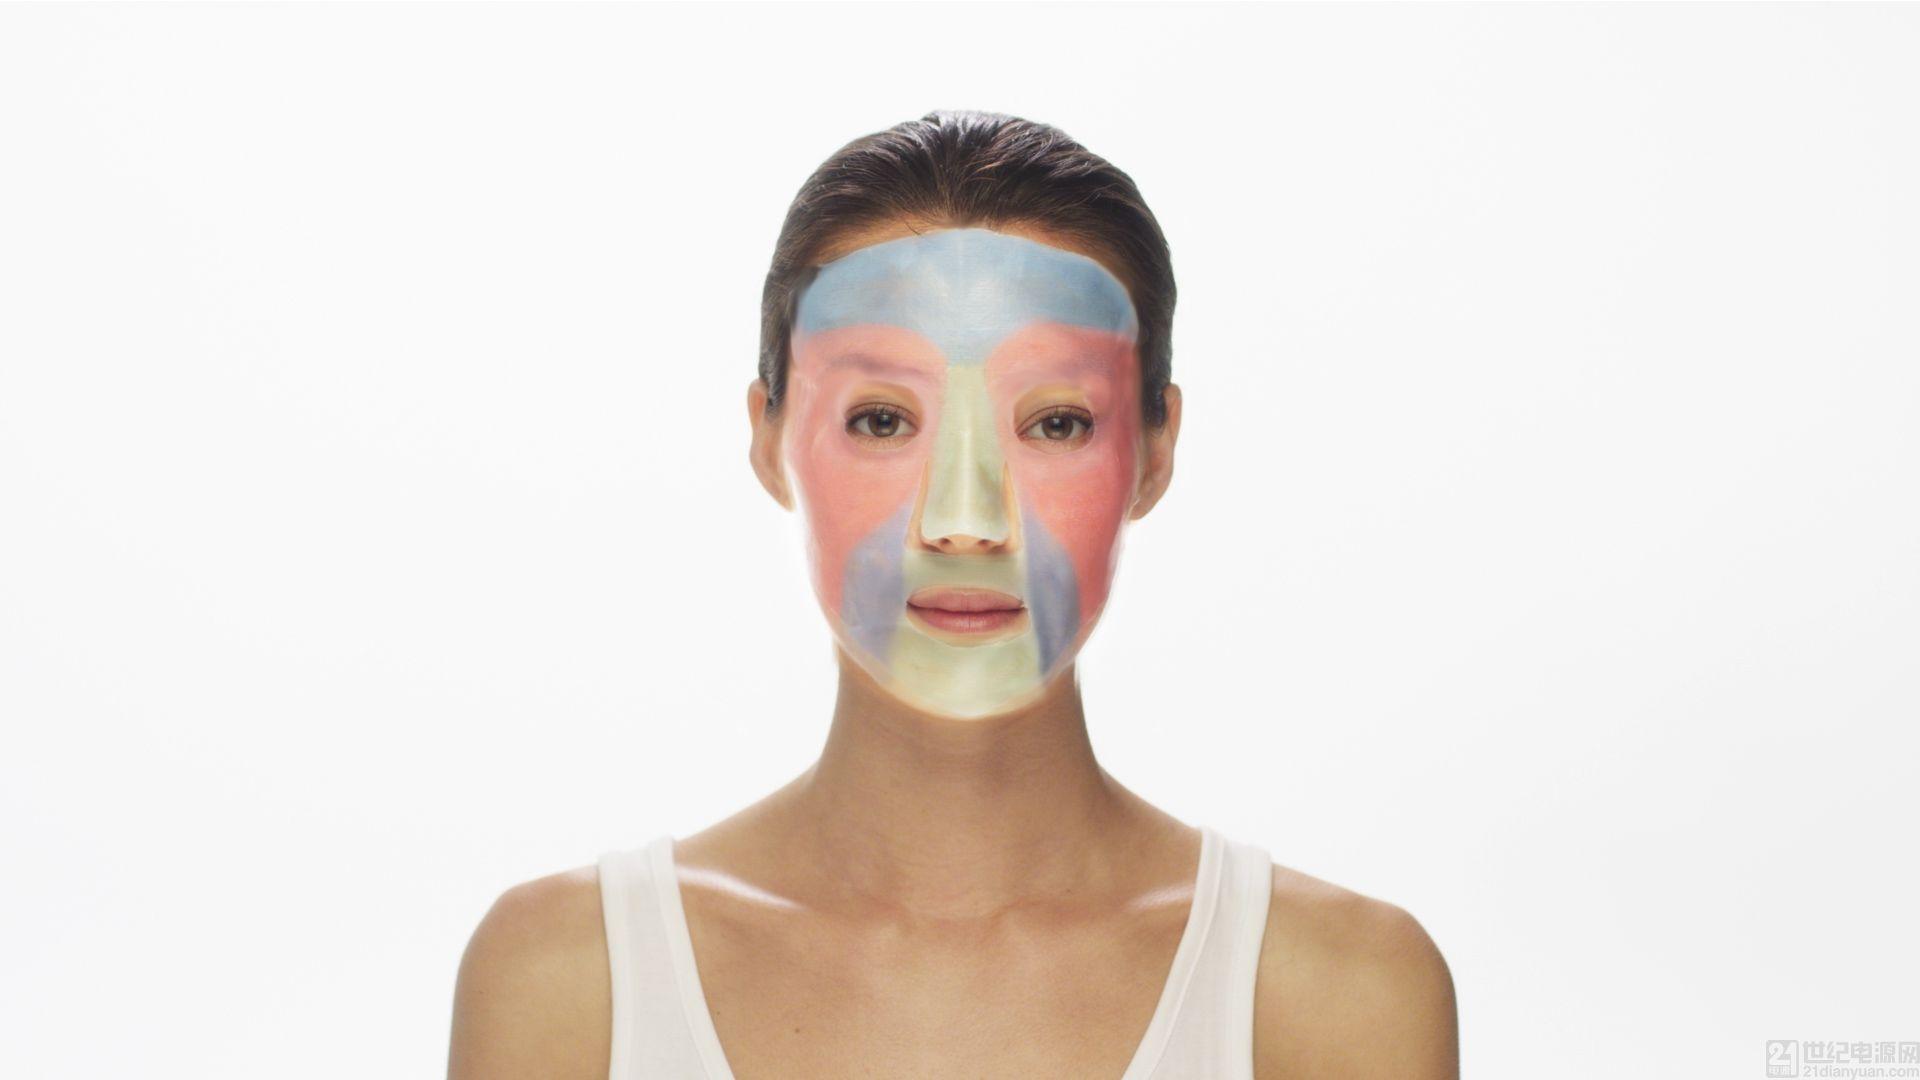 露得清首款定制化 3D 打印面膜 MaskiD(TM) 亮相亚洲消费电子展